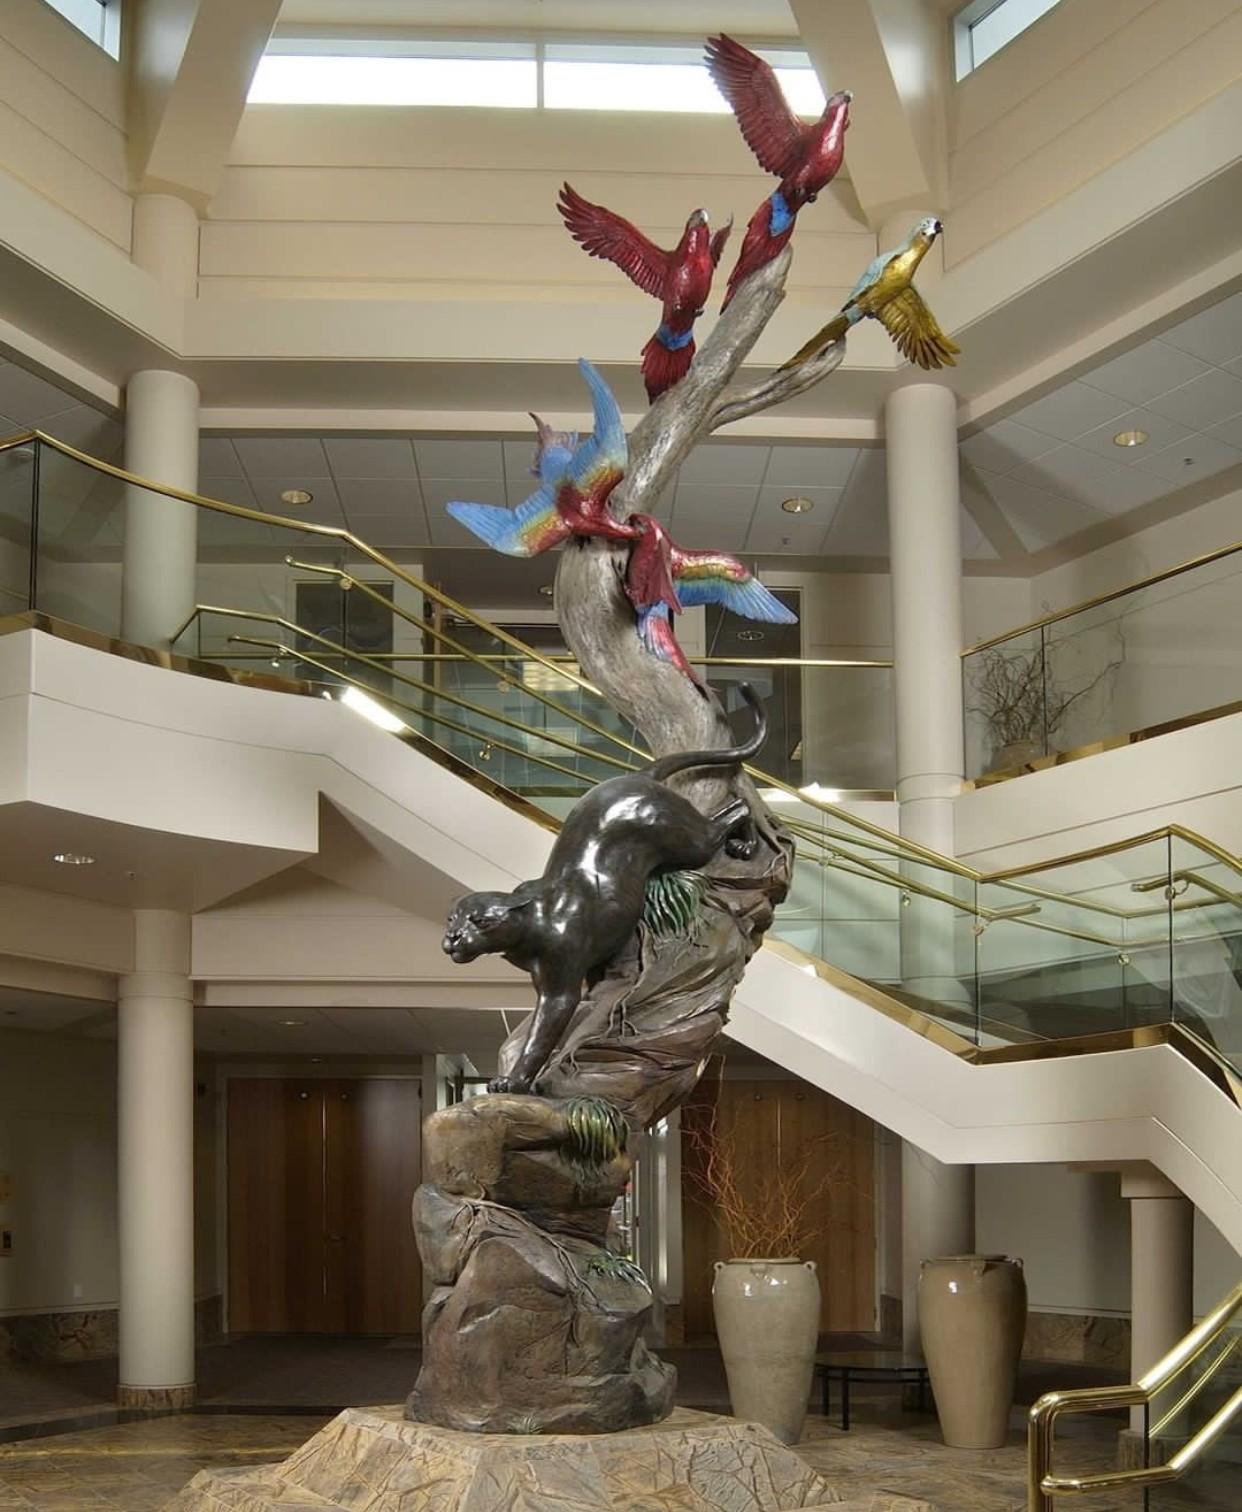 Art big metal cat statue